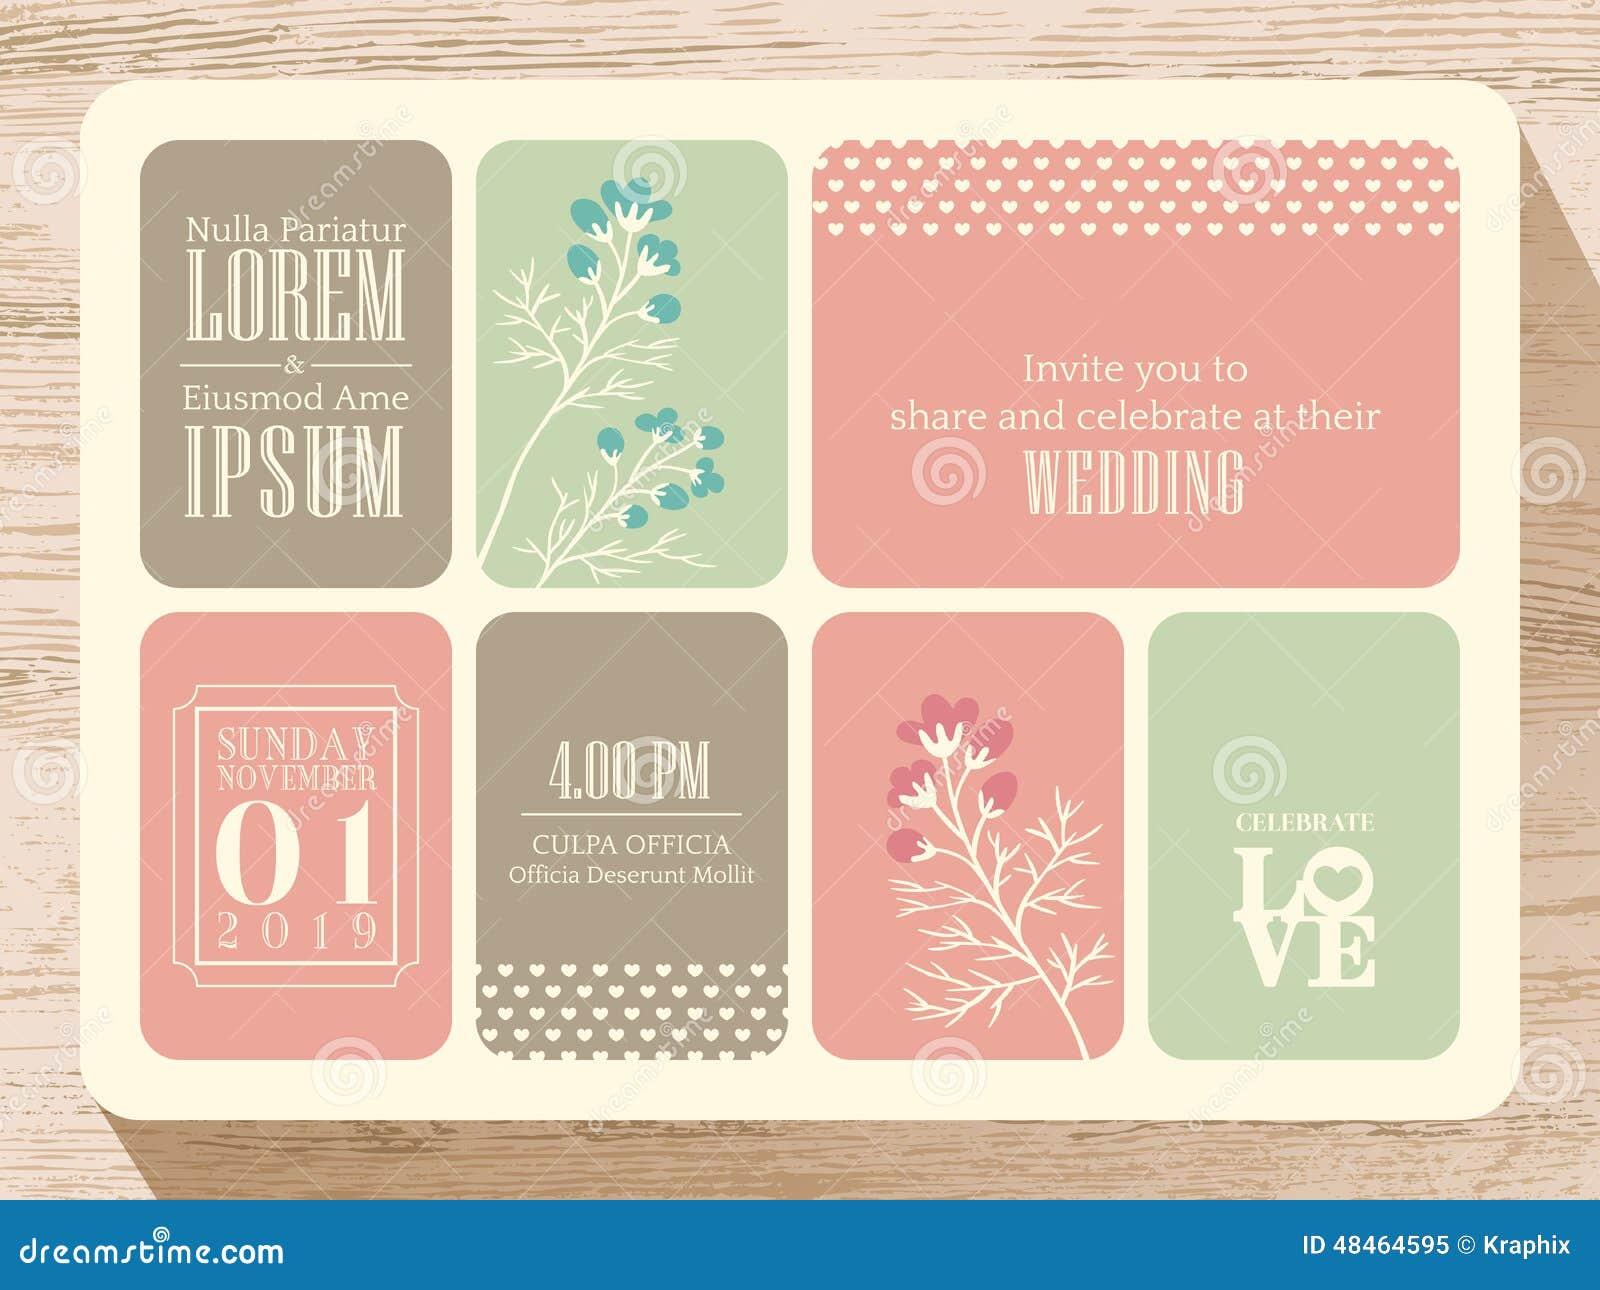 Wedding Invitation Creation is nice invitations ideas